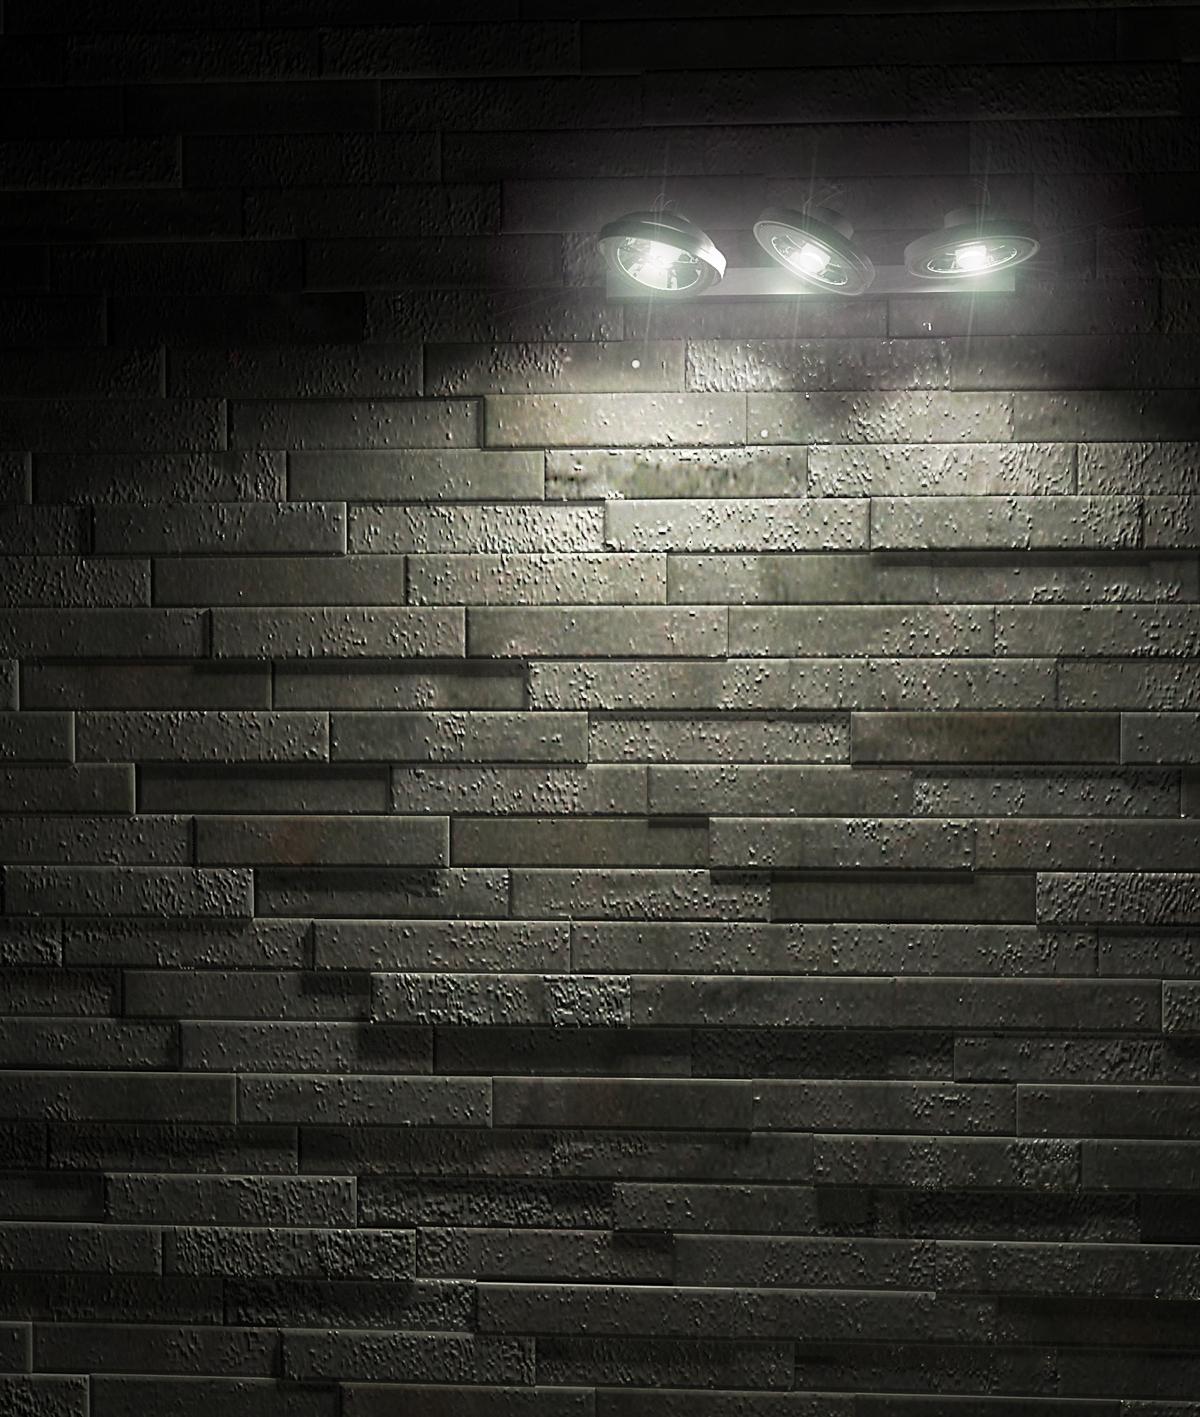 IES wall